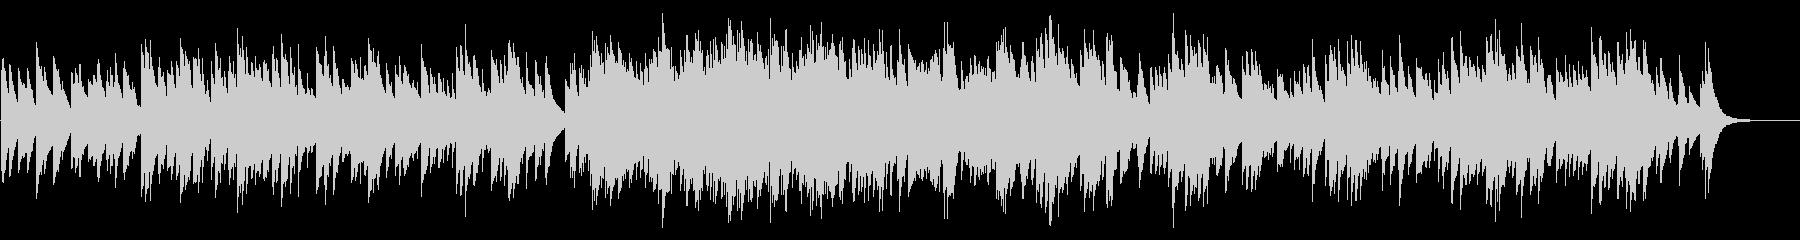 カノン 72弁オルゴールの未再生の波形